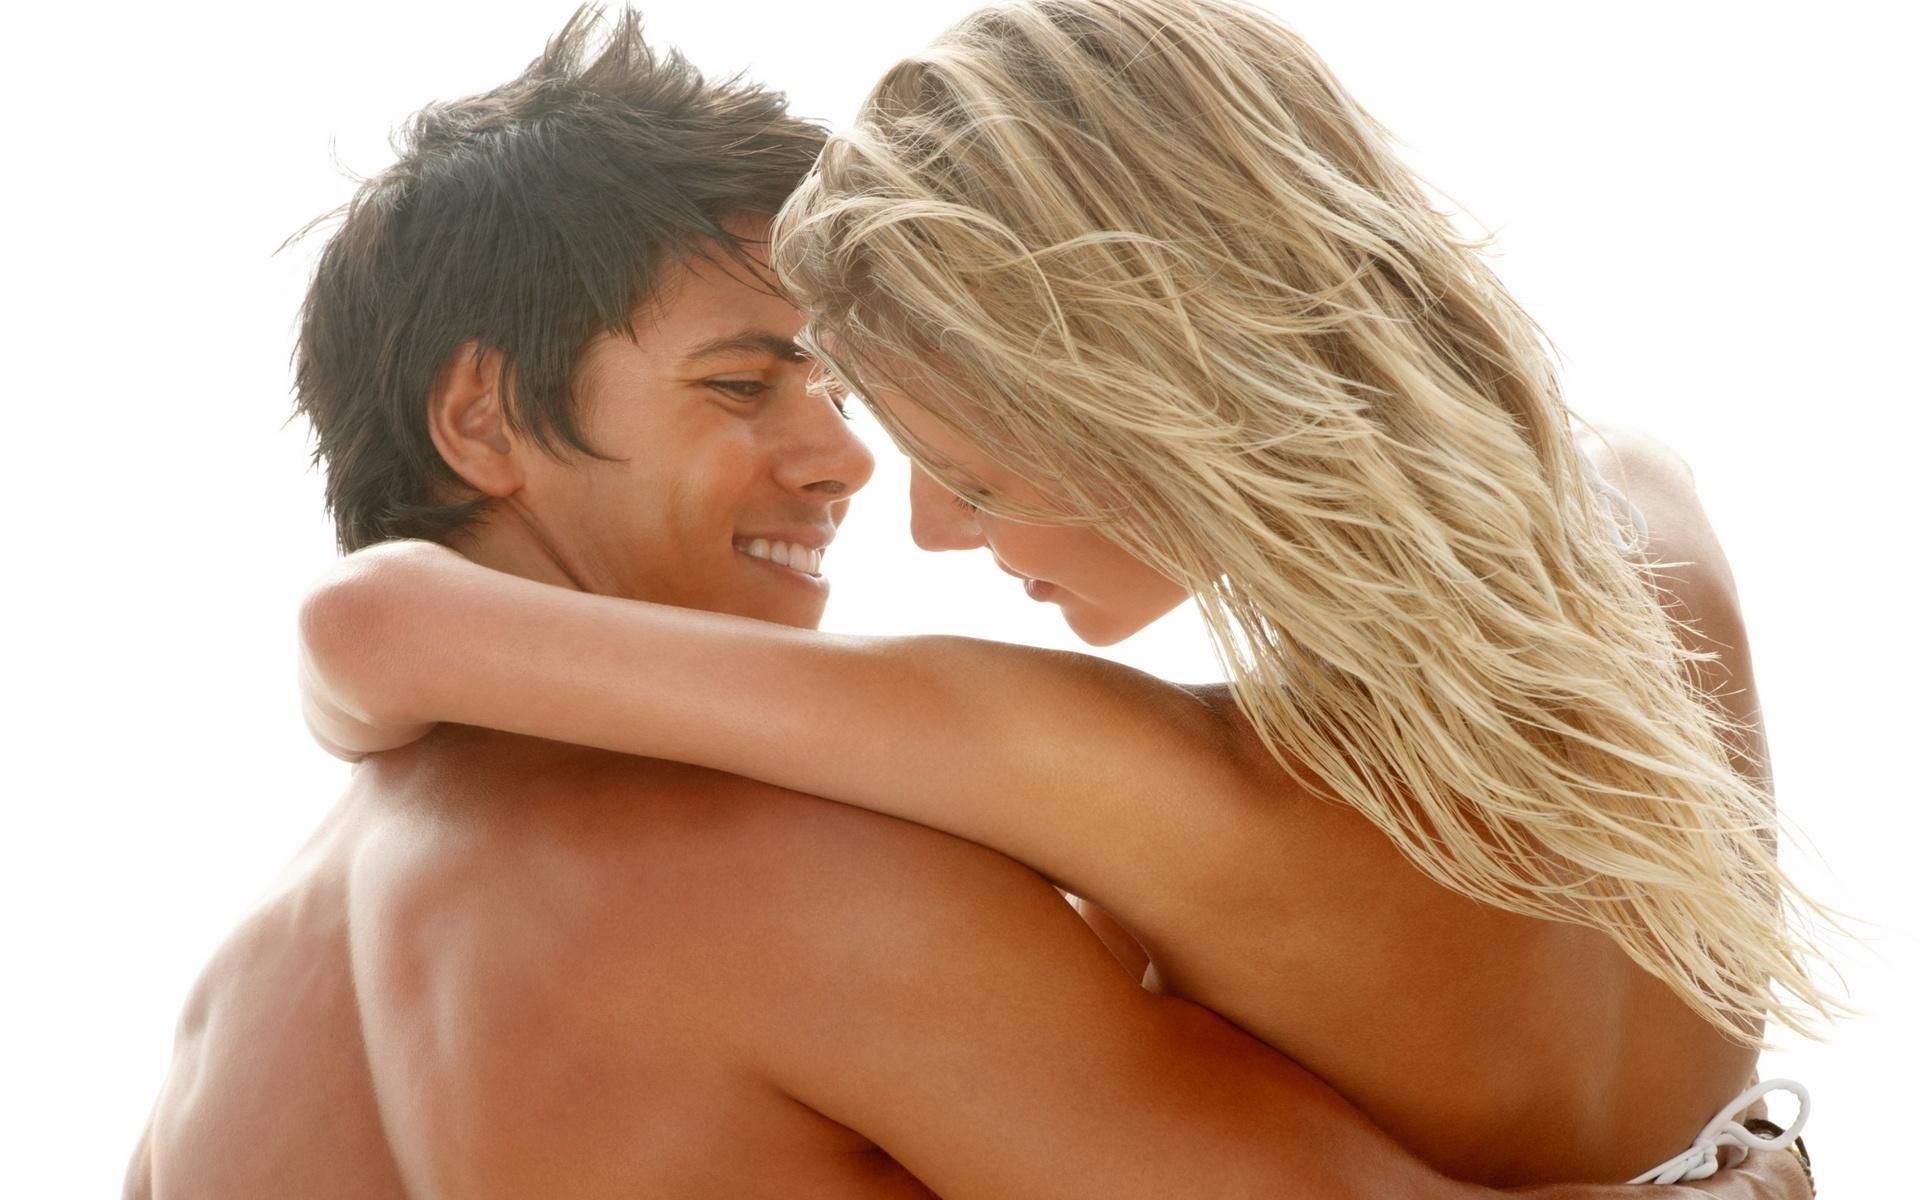 Фото красивых девушек с парнями блондинок 5 фотография